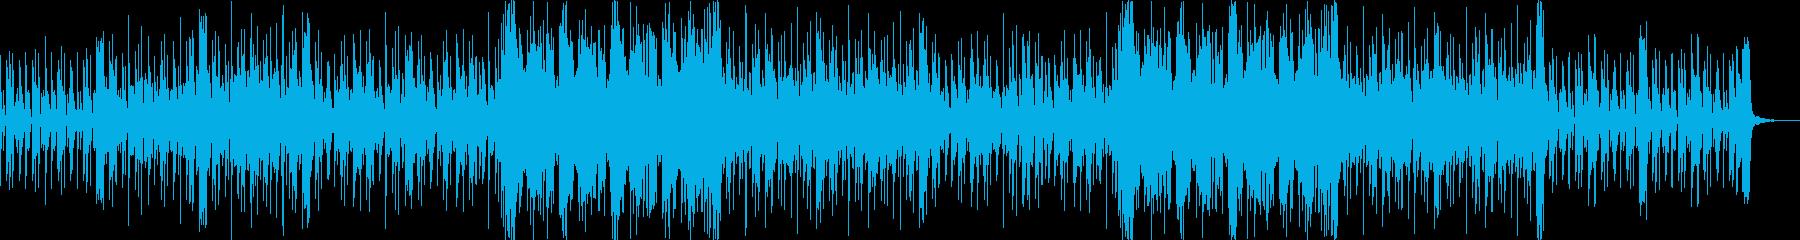 80年代ディスコフィーバーナイト!の再生済みの波形